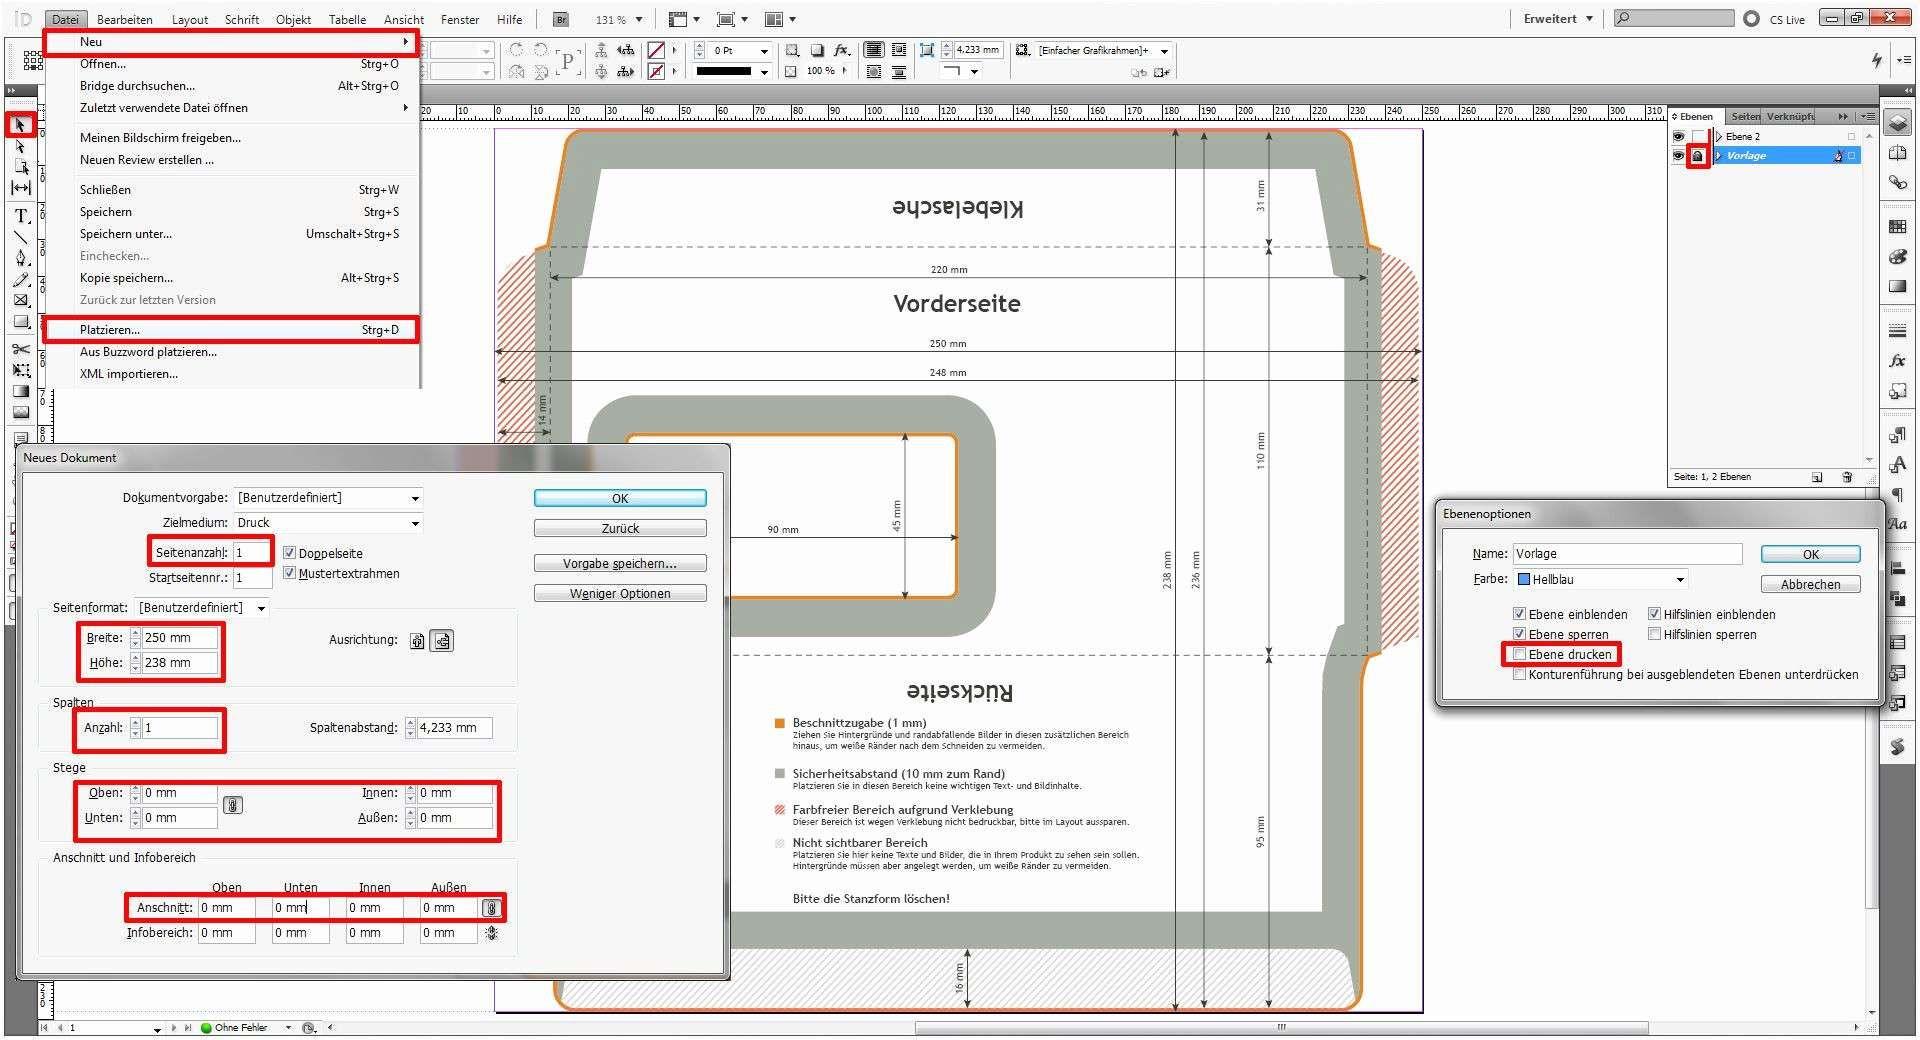 Experte Drehbuch Vorlage Word In 2020 Flugblatt Design Vorlagen Vorlagen Word